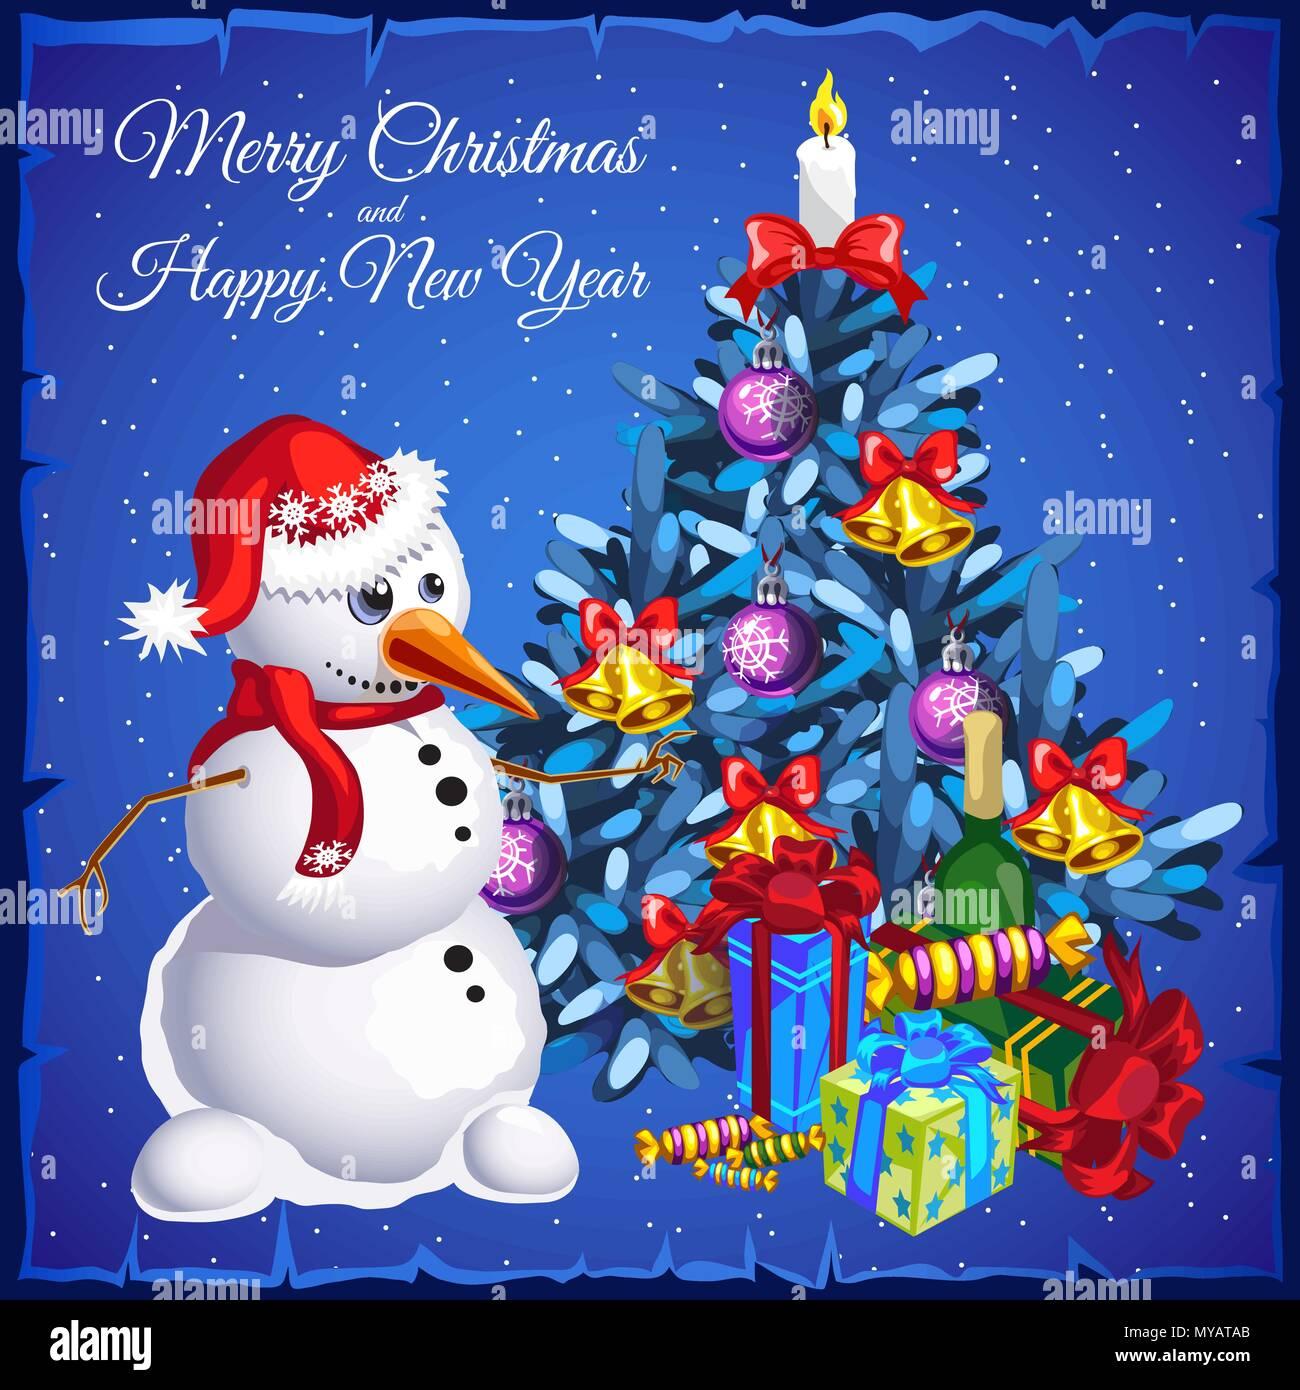 Vorlage Weihnachten Karte Schneemann In Der Nähe Weihnachtsbaum Mit